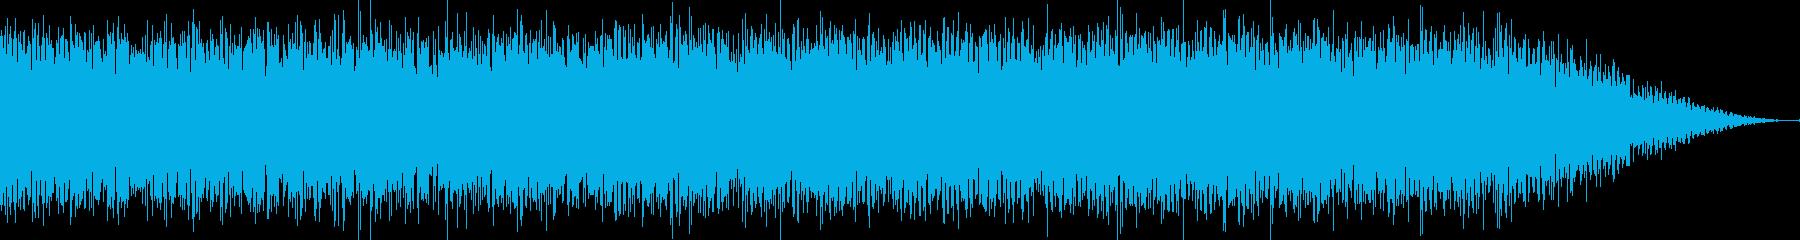 耳に残るフレーズのダンスミュージックの再生済みの波形